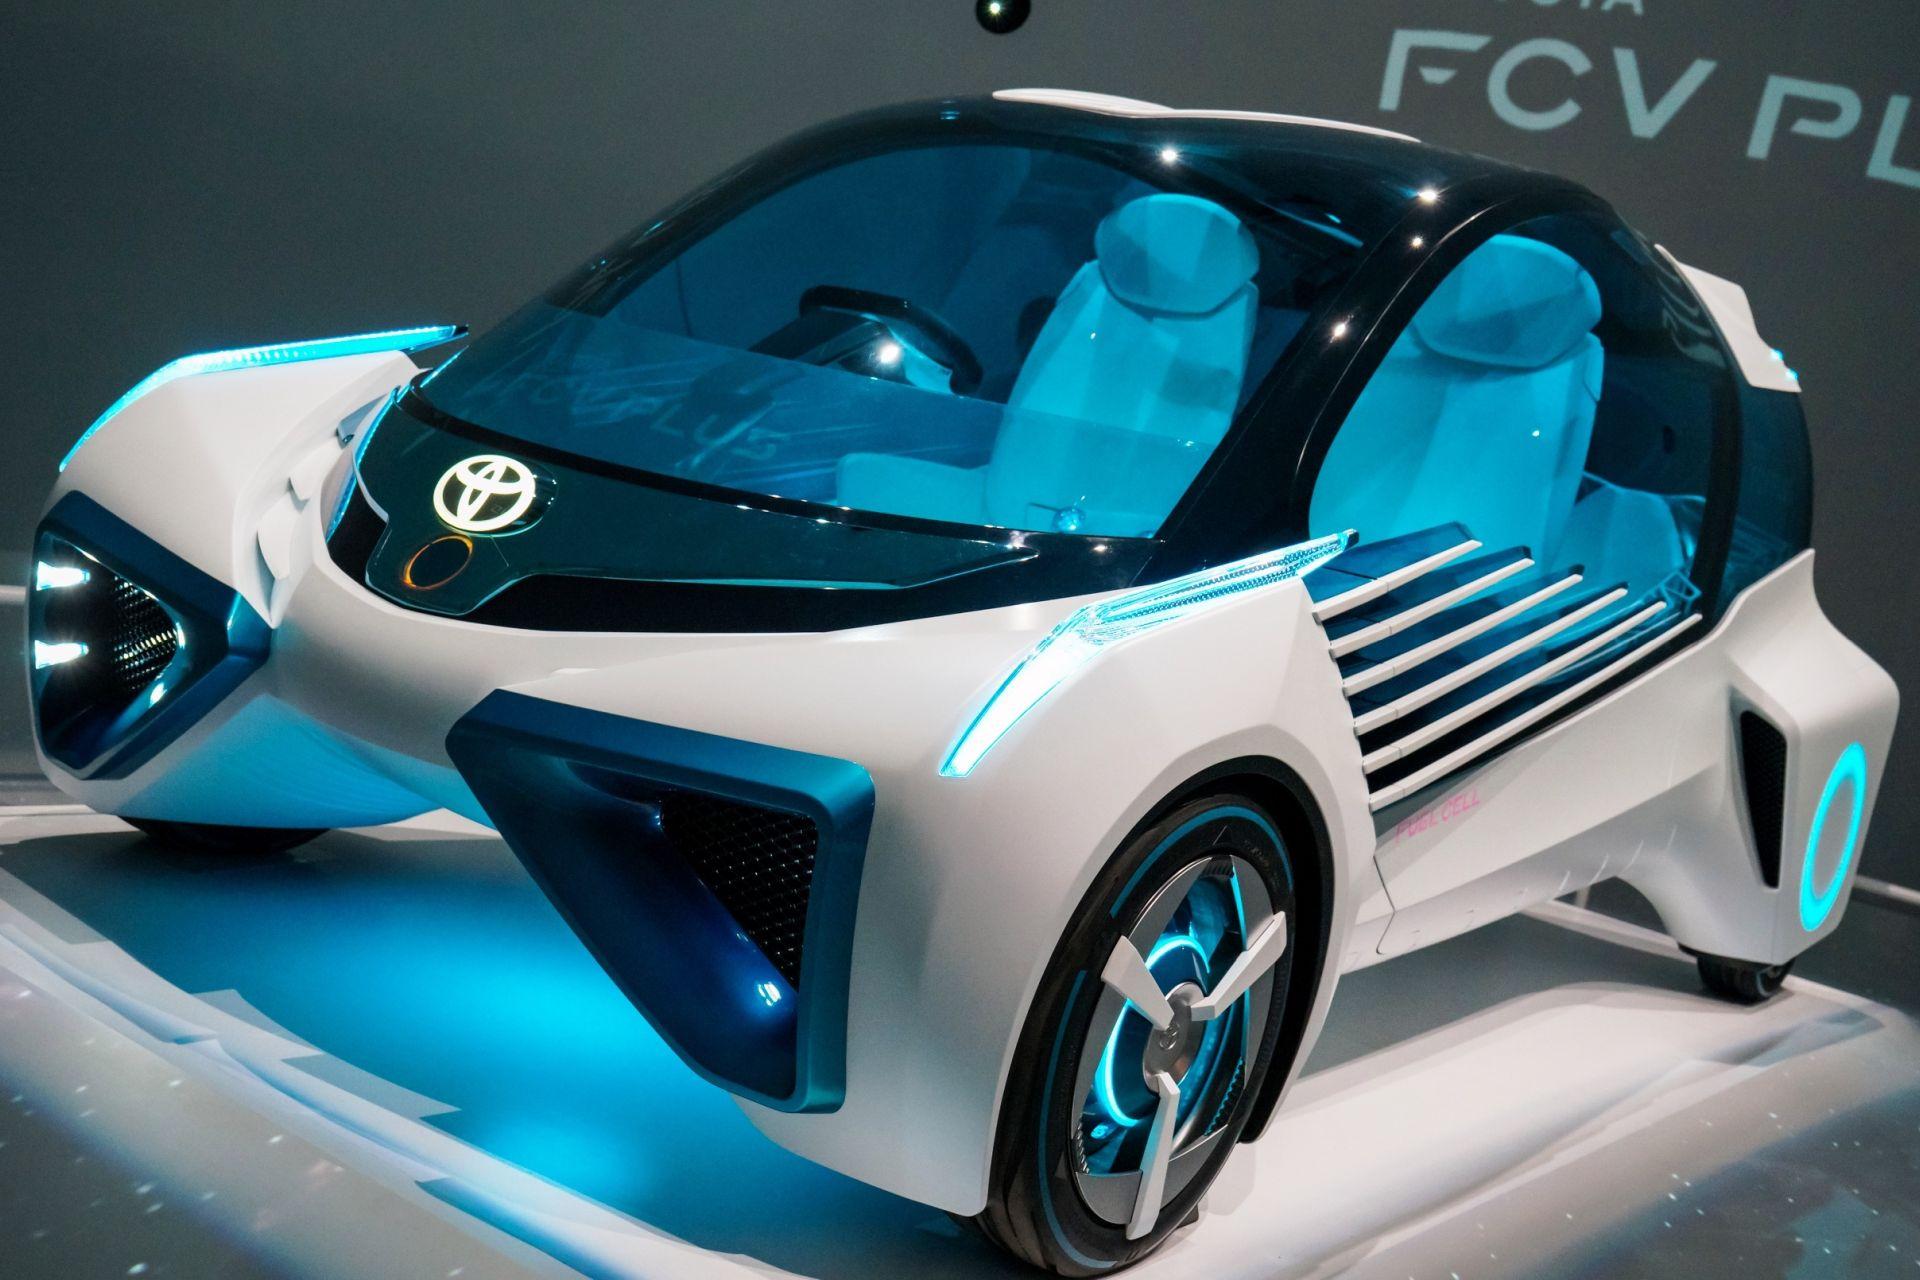 Elektrokleinfahrzeug Konzeptstudie für zwei Personen als Beispiel für eine Produkt-Innovation der Innovationsarten